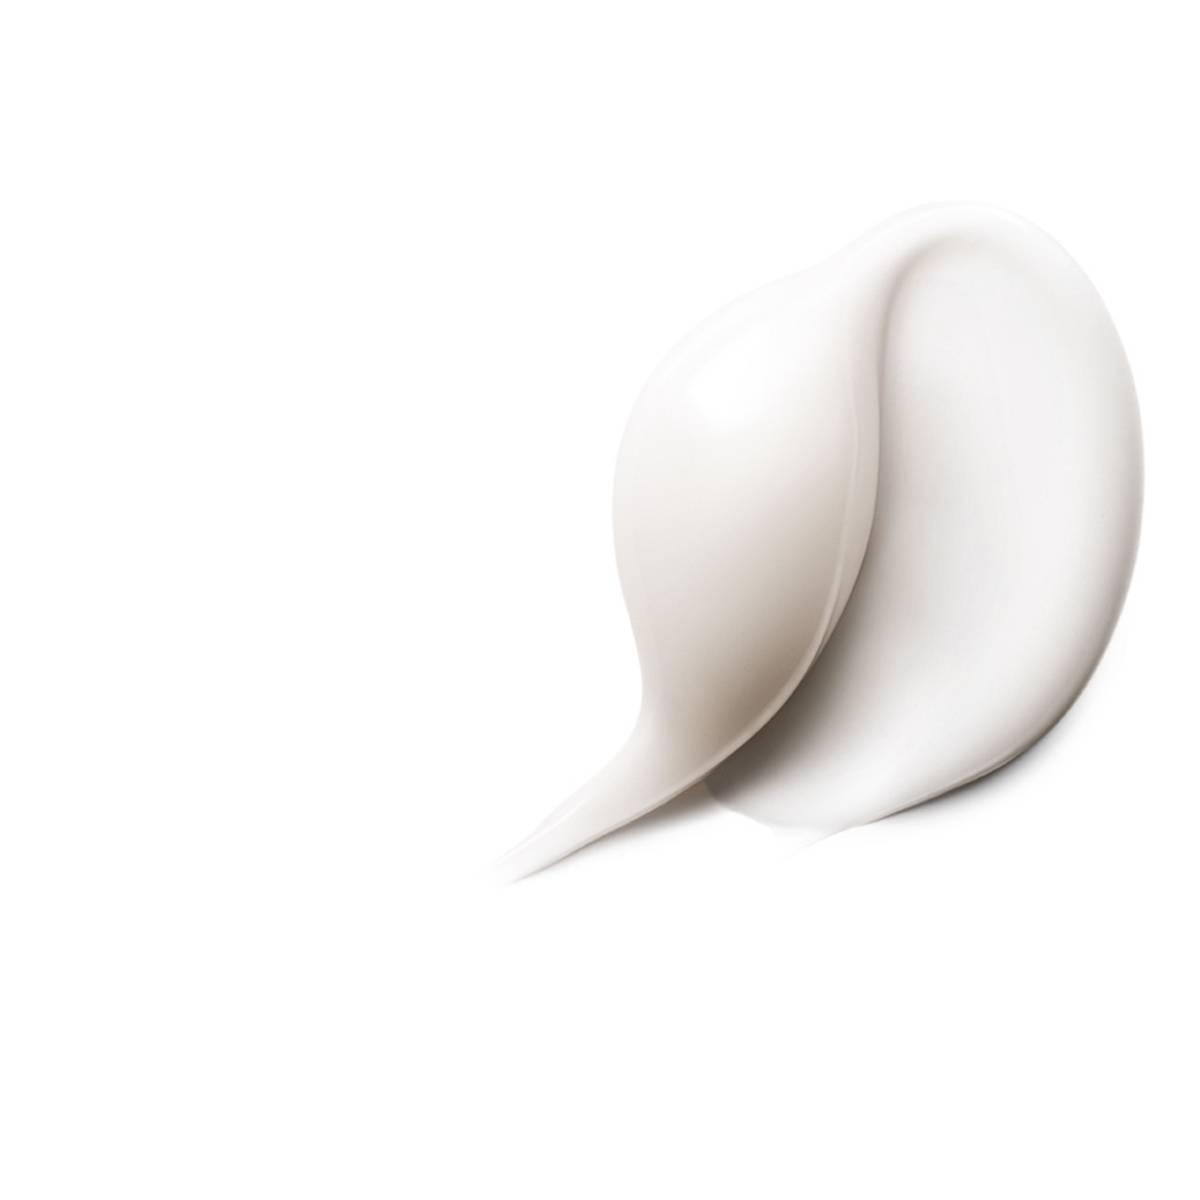 La Roche Posay ProduktSide Anti-Age Hyalu B5 Creme Tekstur